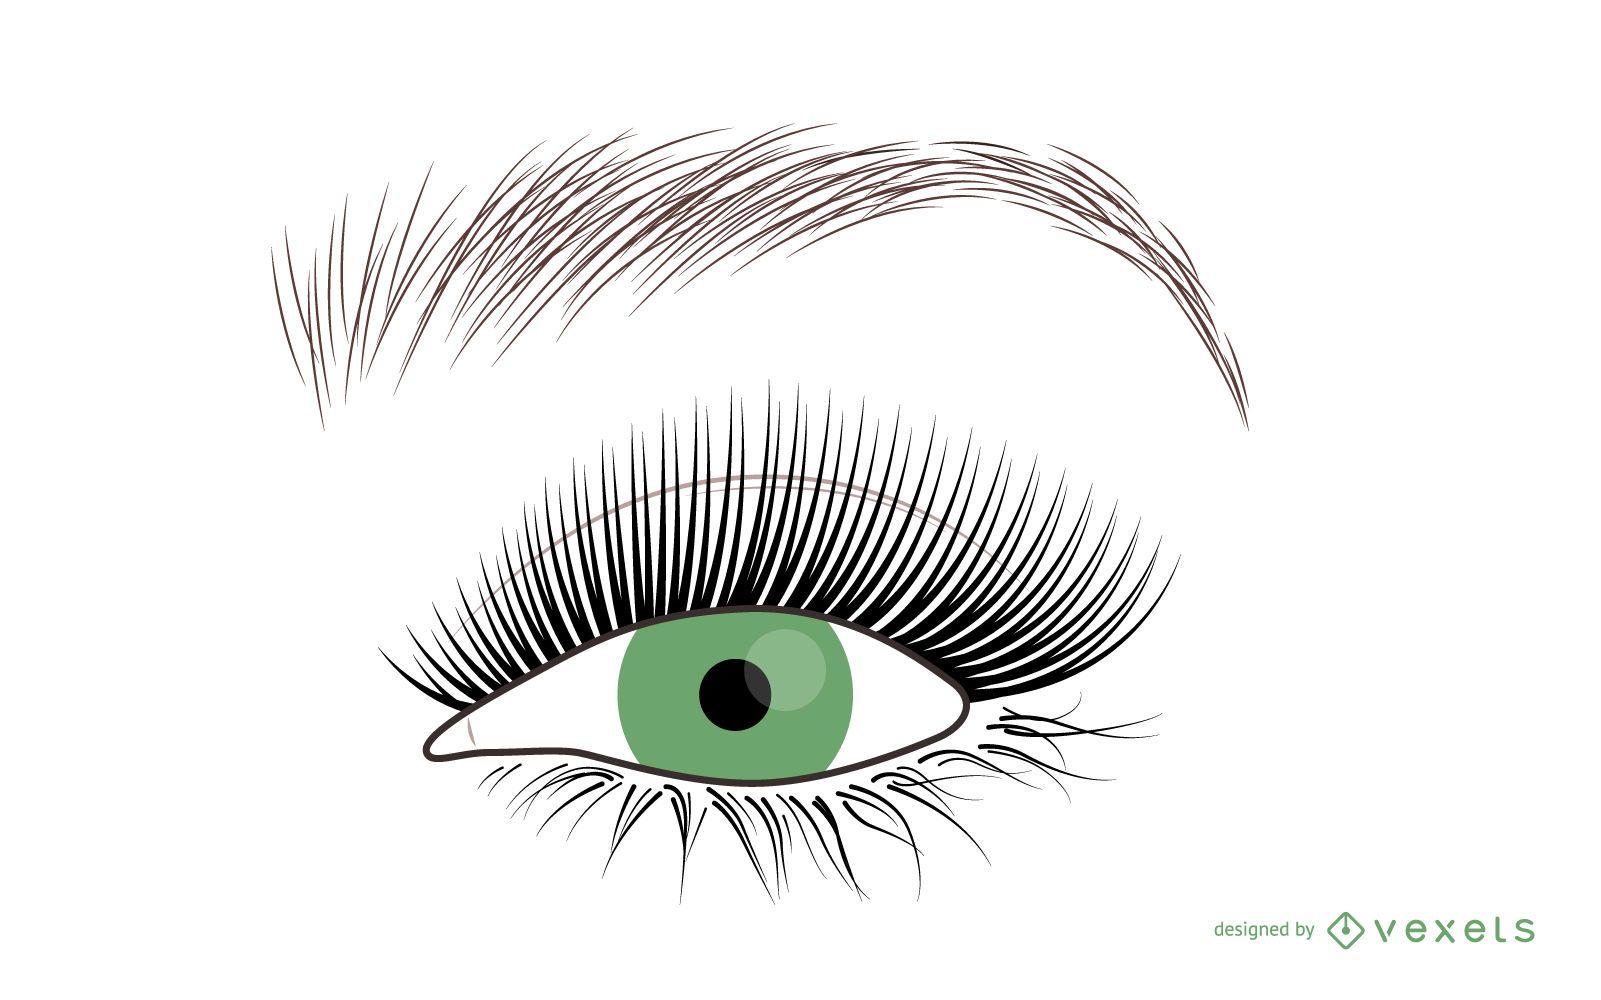 Woman eye and eyelash illustration